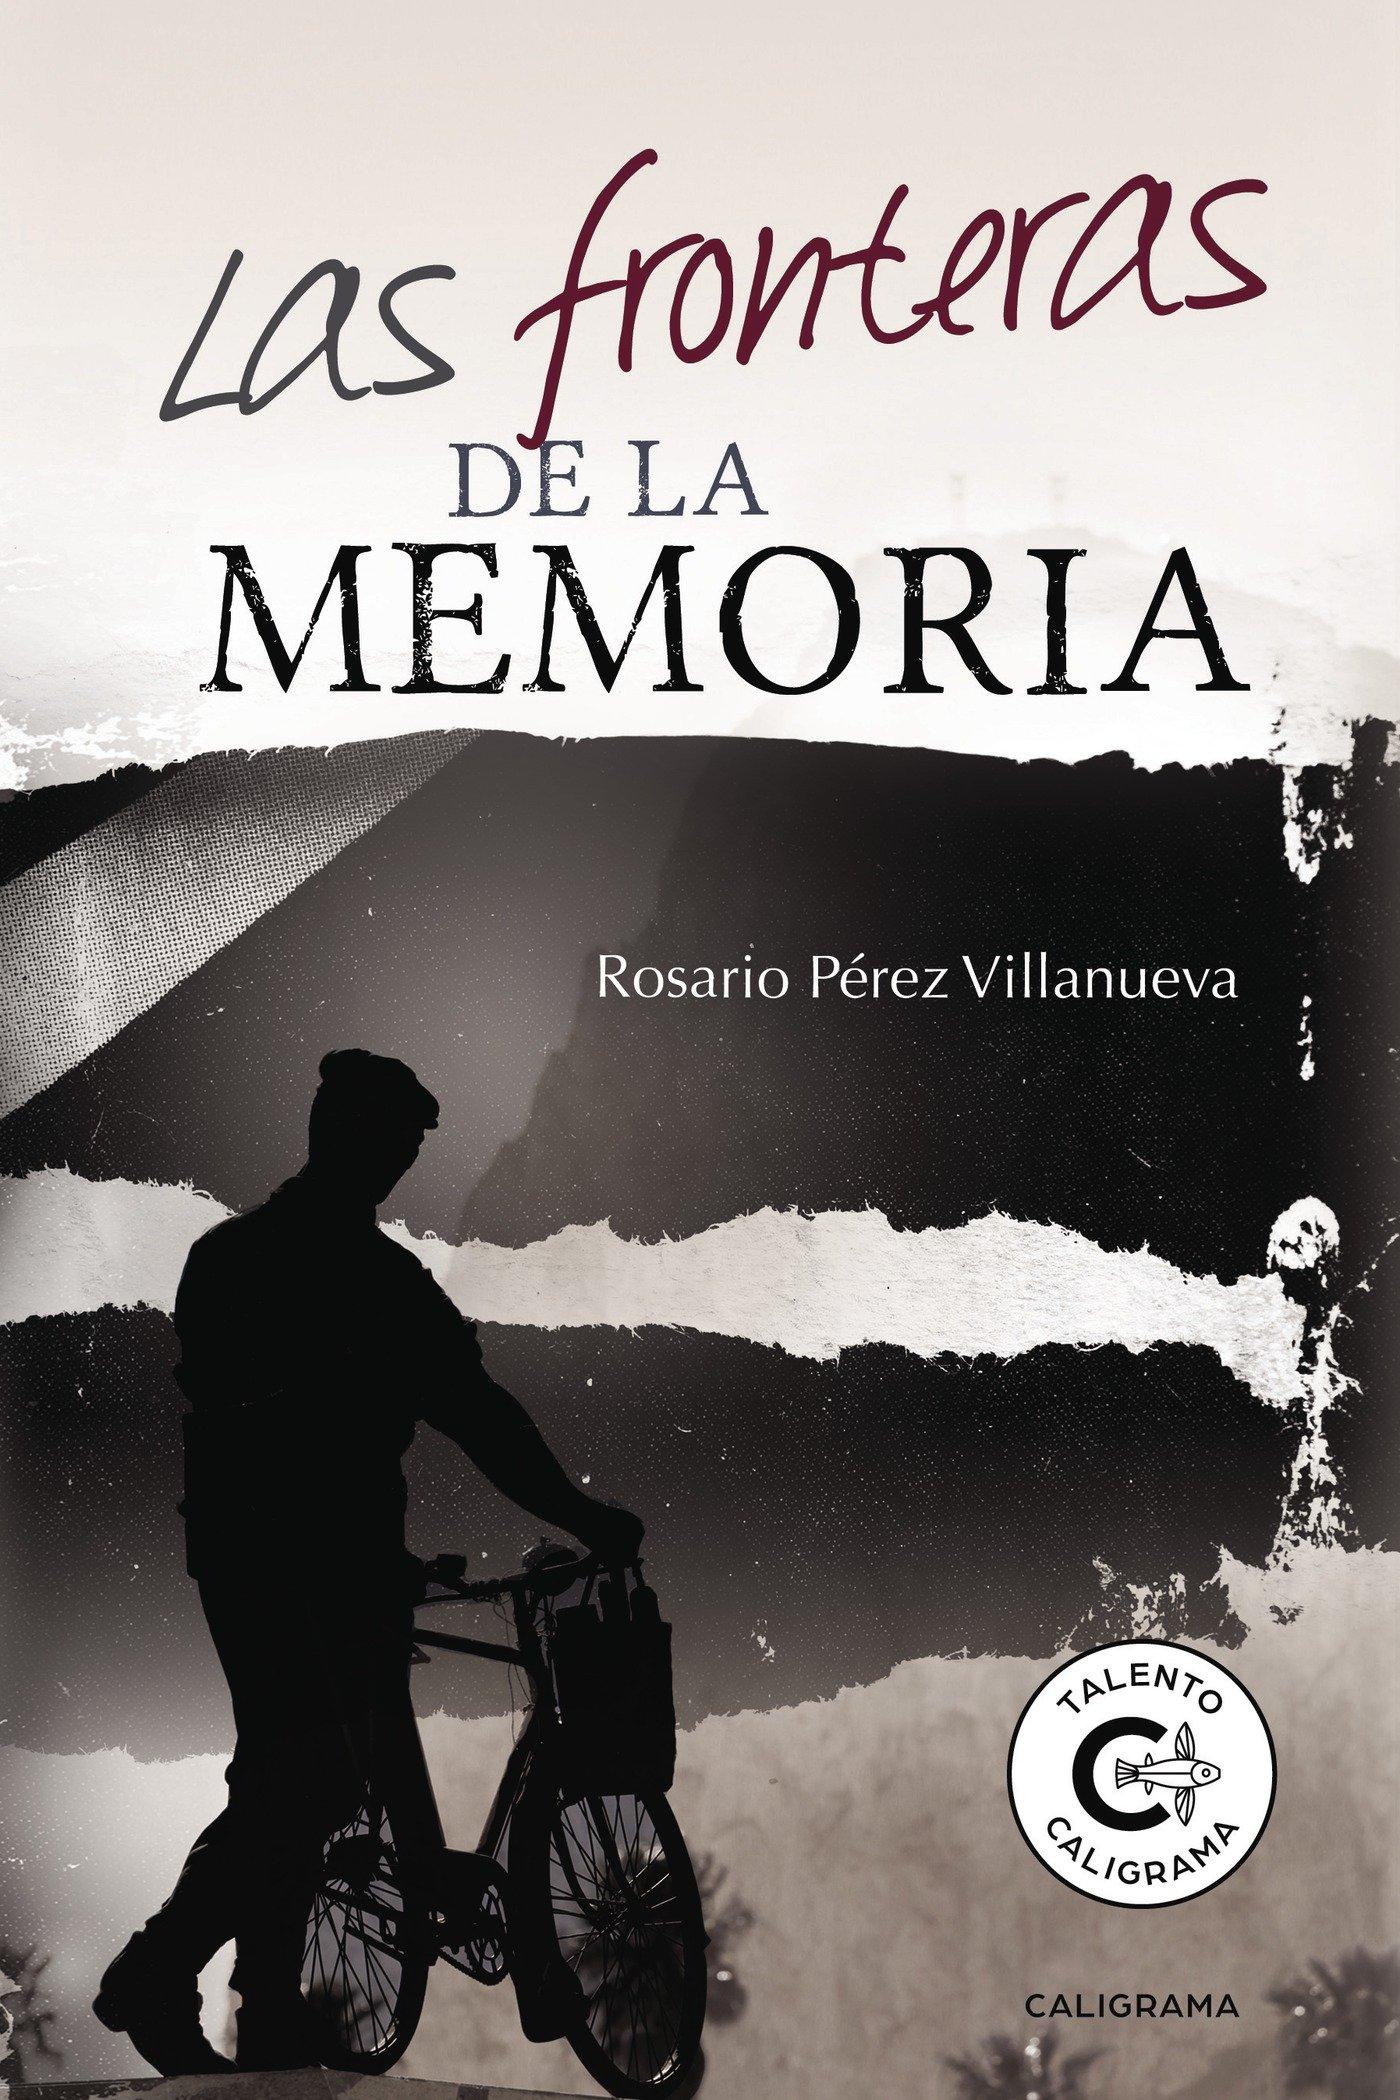 Las fronteras de la memoria (Rosario Pérez Villanueva, 2018)